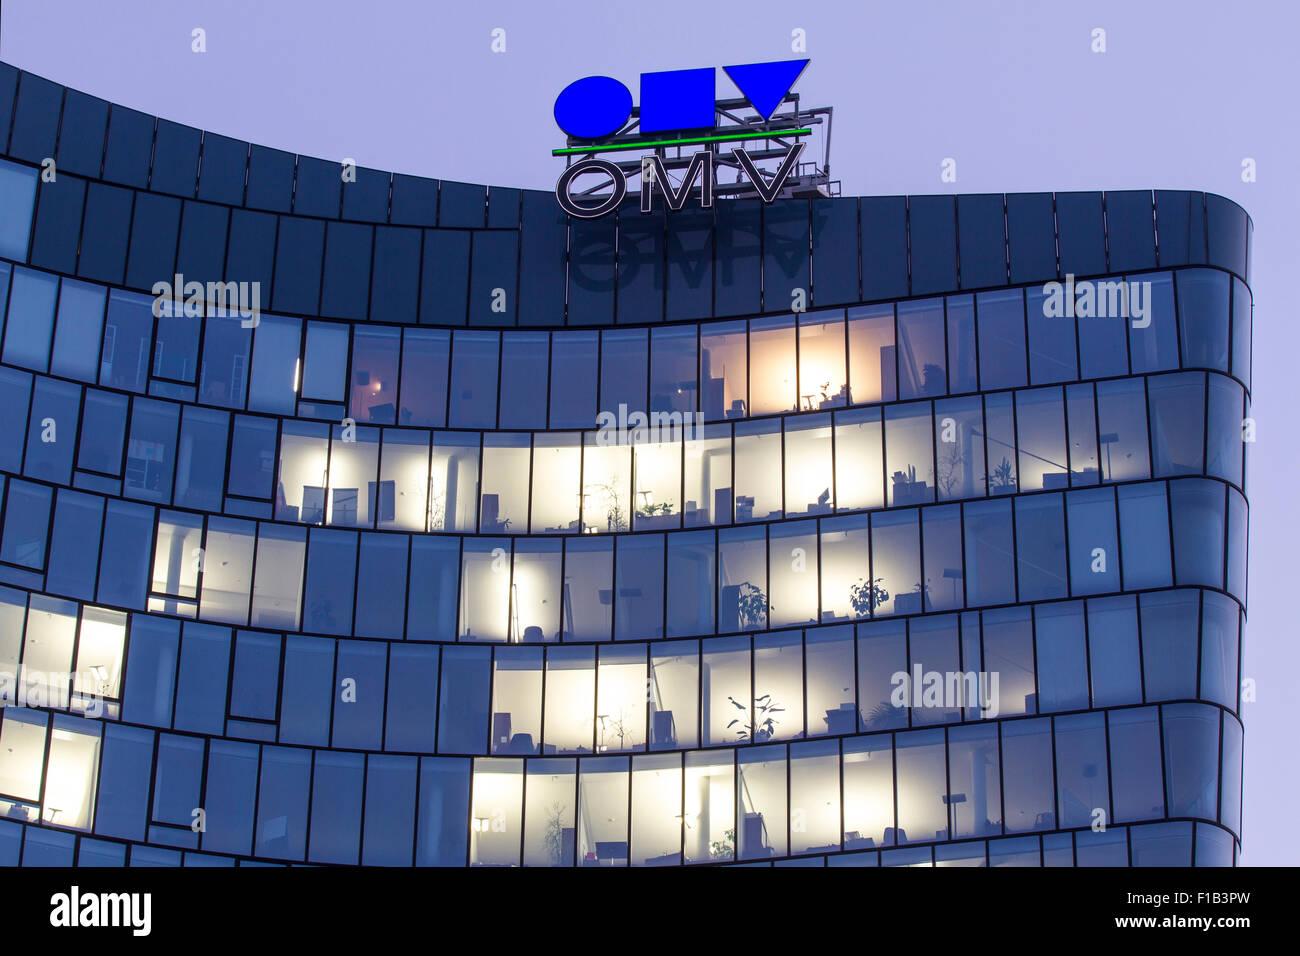 Office building Hoch Zwei, HOCH ZWEI, OMV, Austrian Mineral Oil Administration, Vienna, Austria - Stock Image